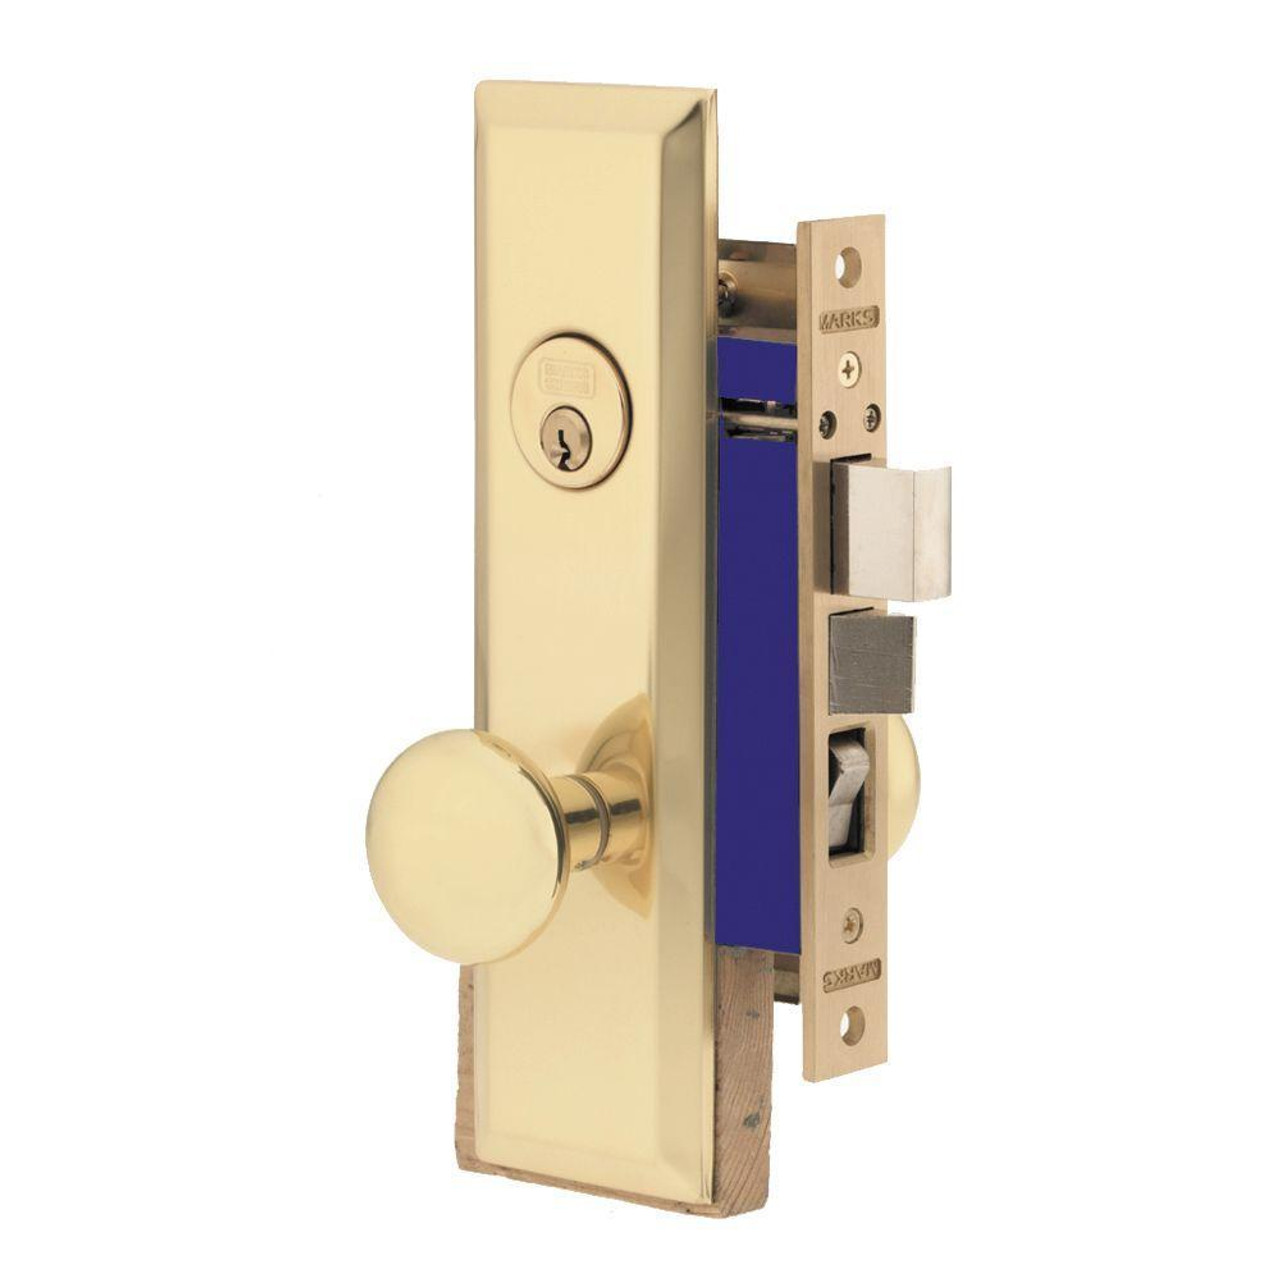 Marks Metro Apartment Mortise Lockset 114 Series